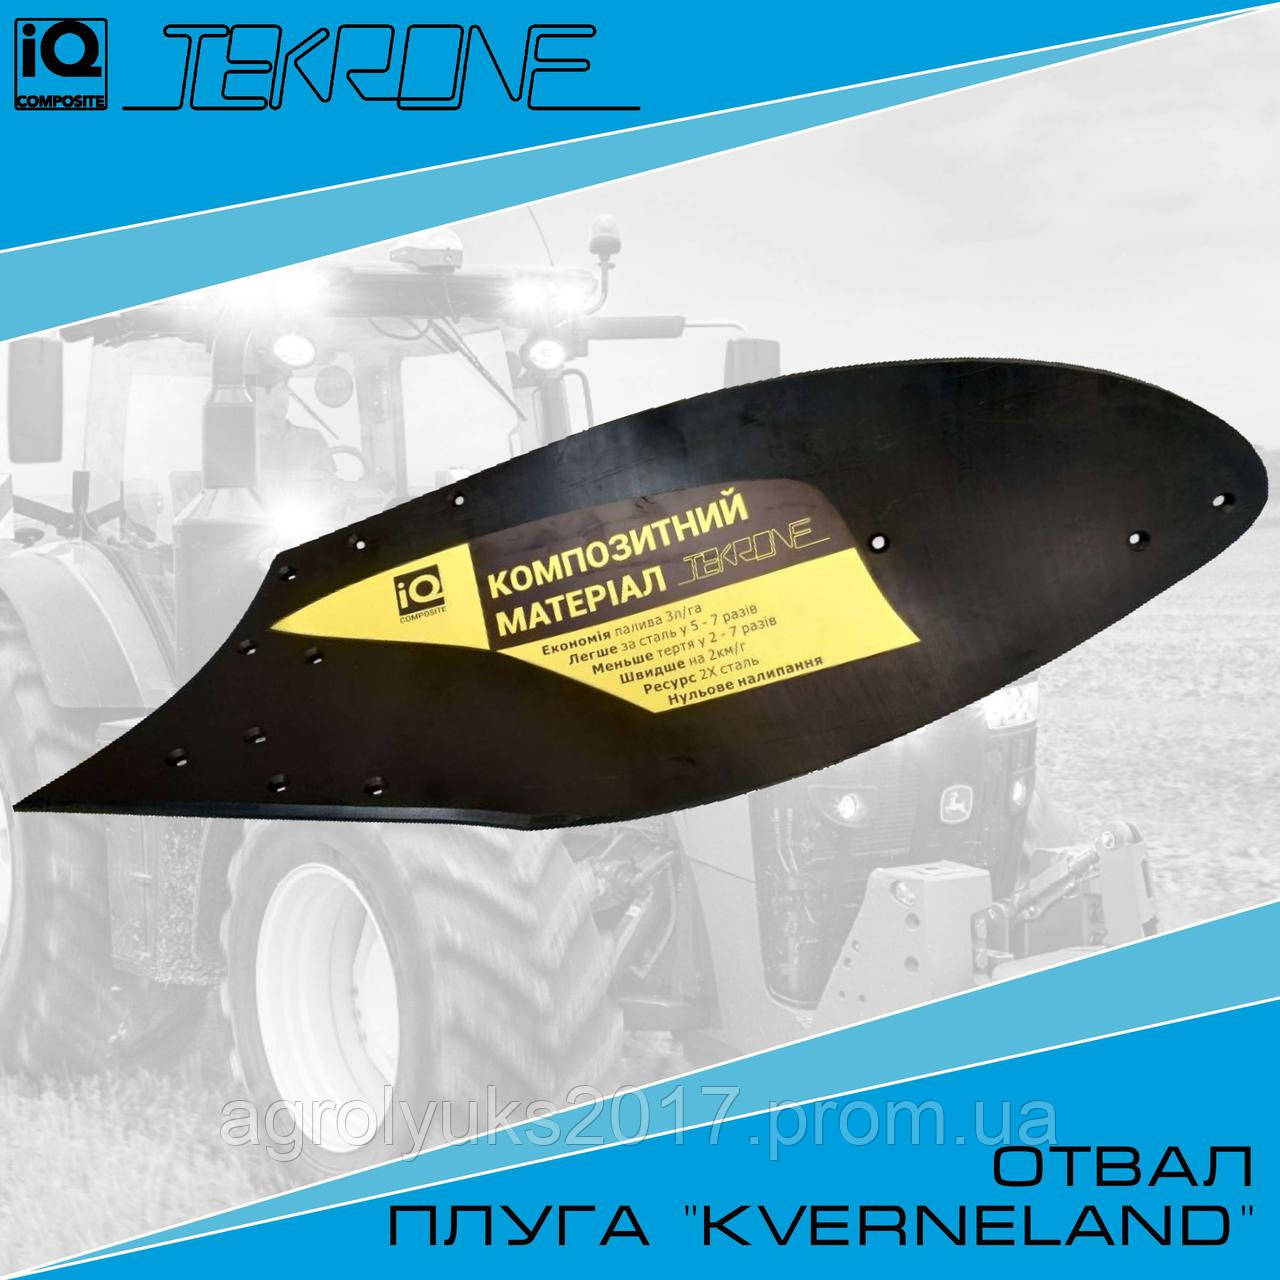 Отвал композитный Текрон для установки на плуги Kverneland